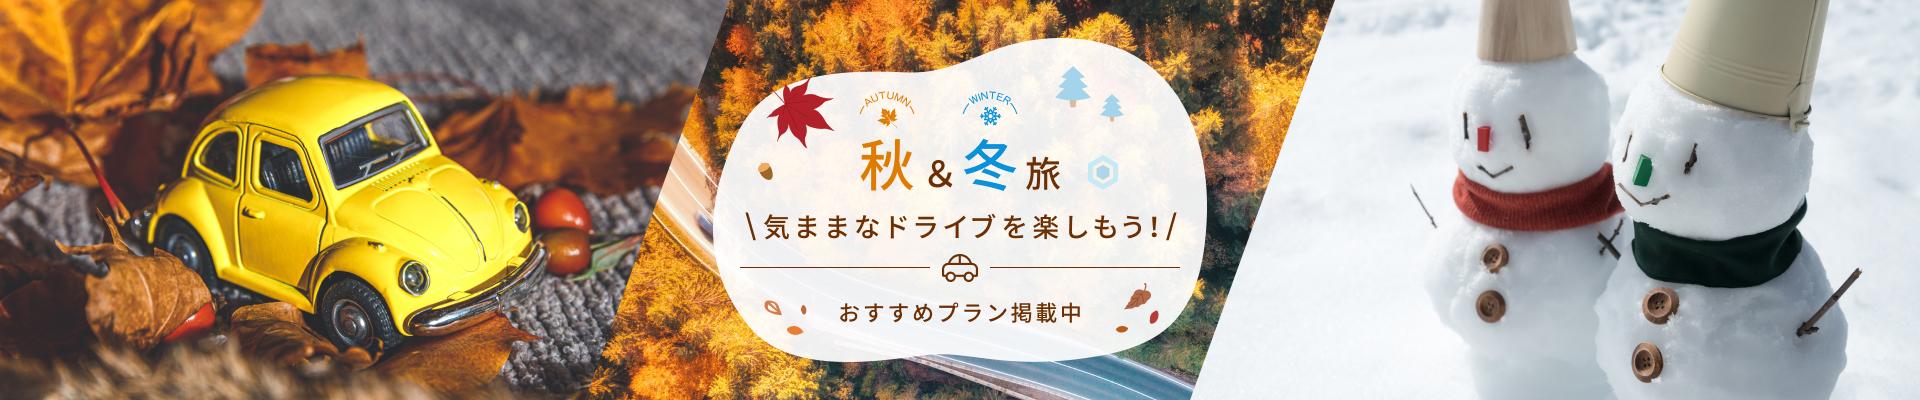 秋&冬のドライブはレンタカーで!